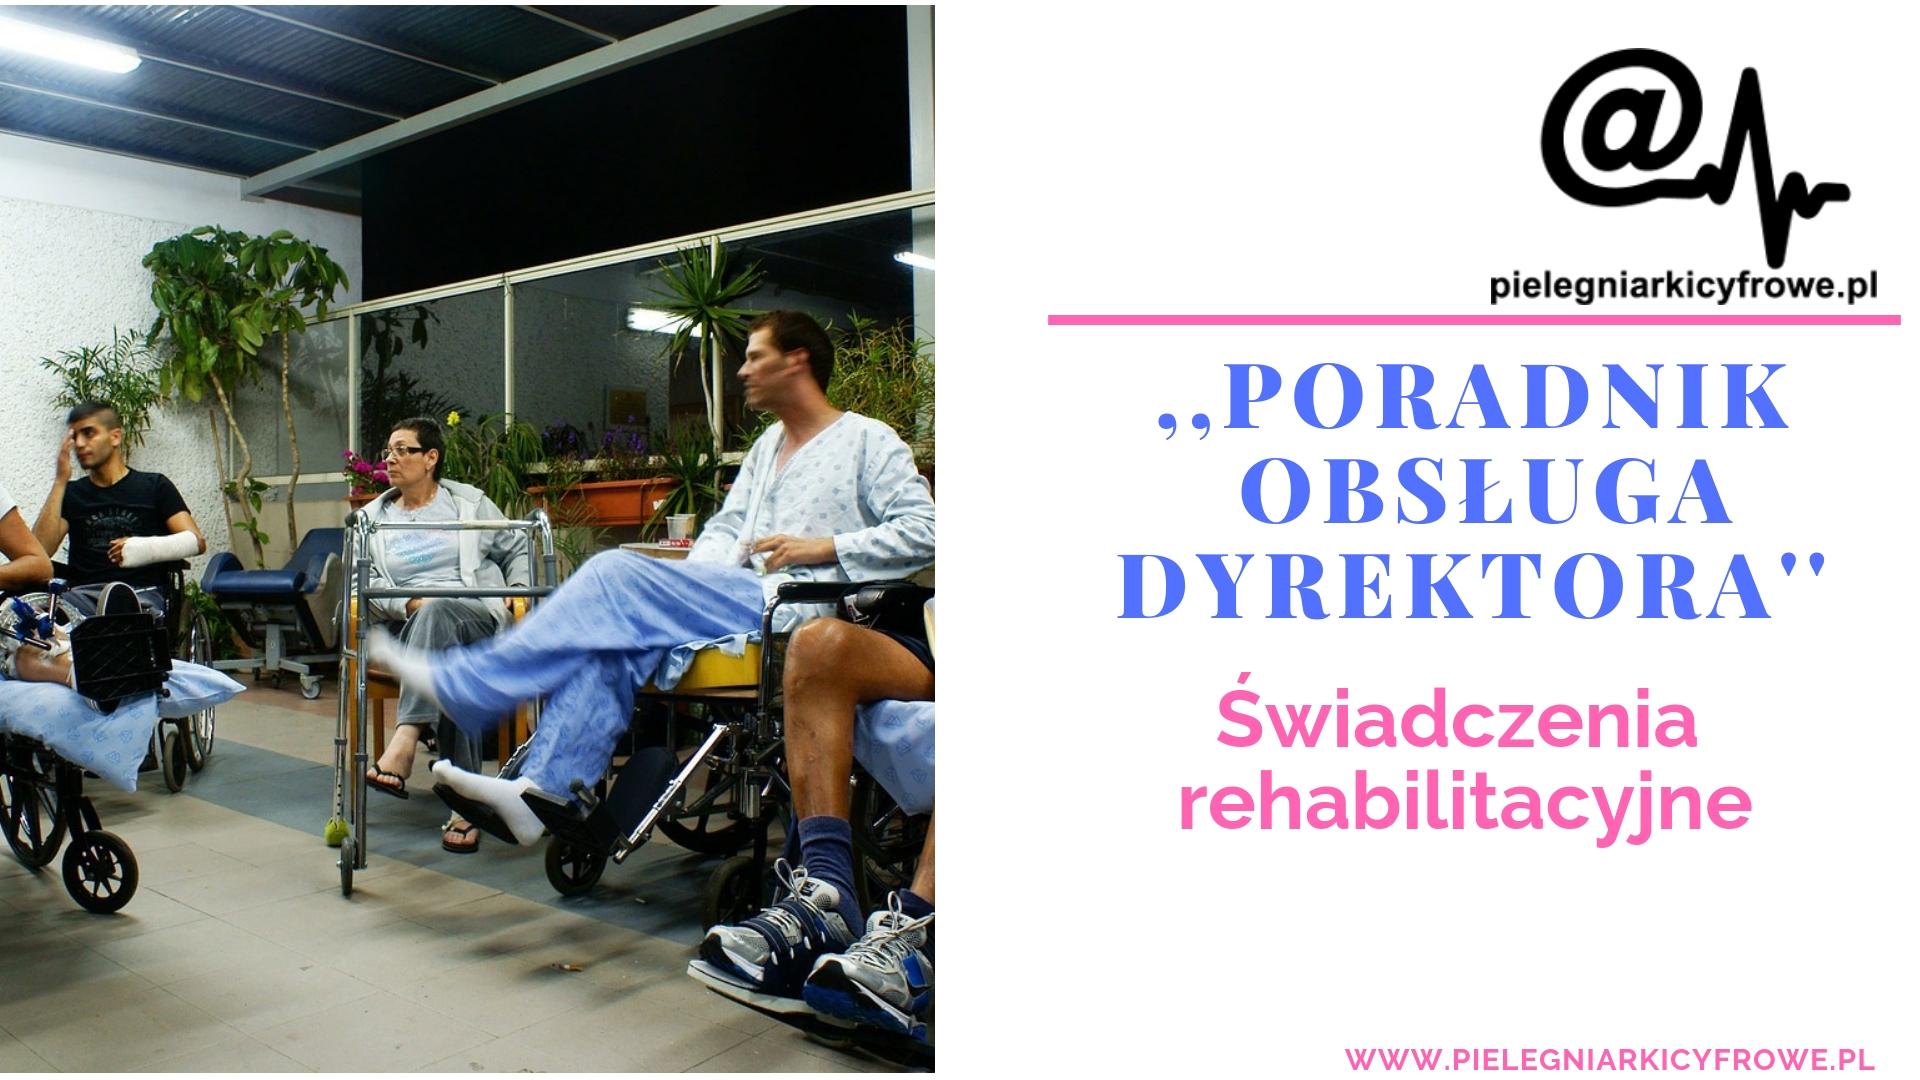 Co należy wiedzieć o świadczeniu rehabilitacyjnym?